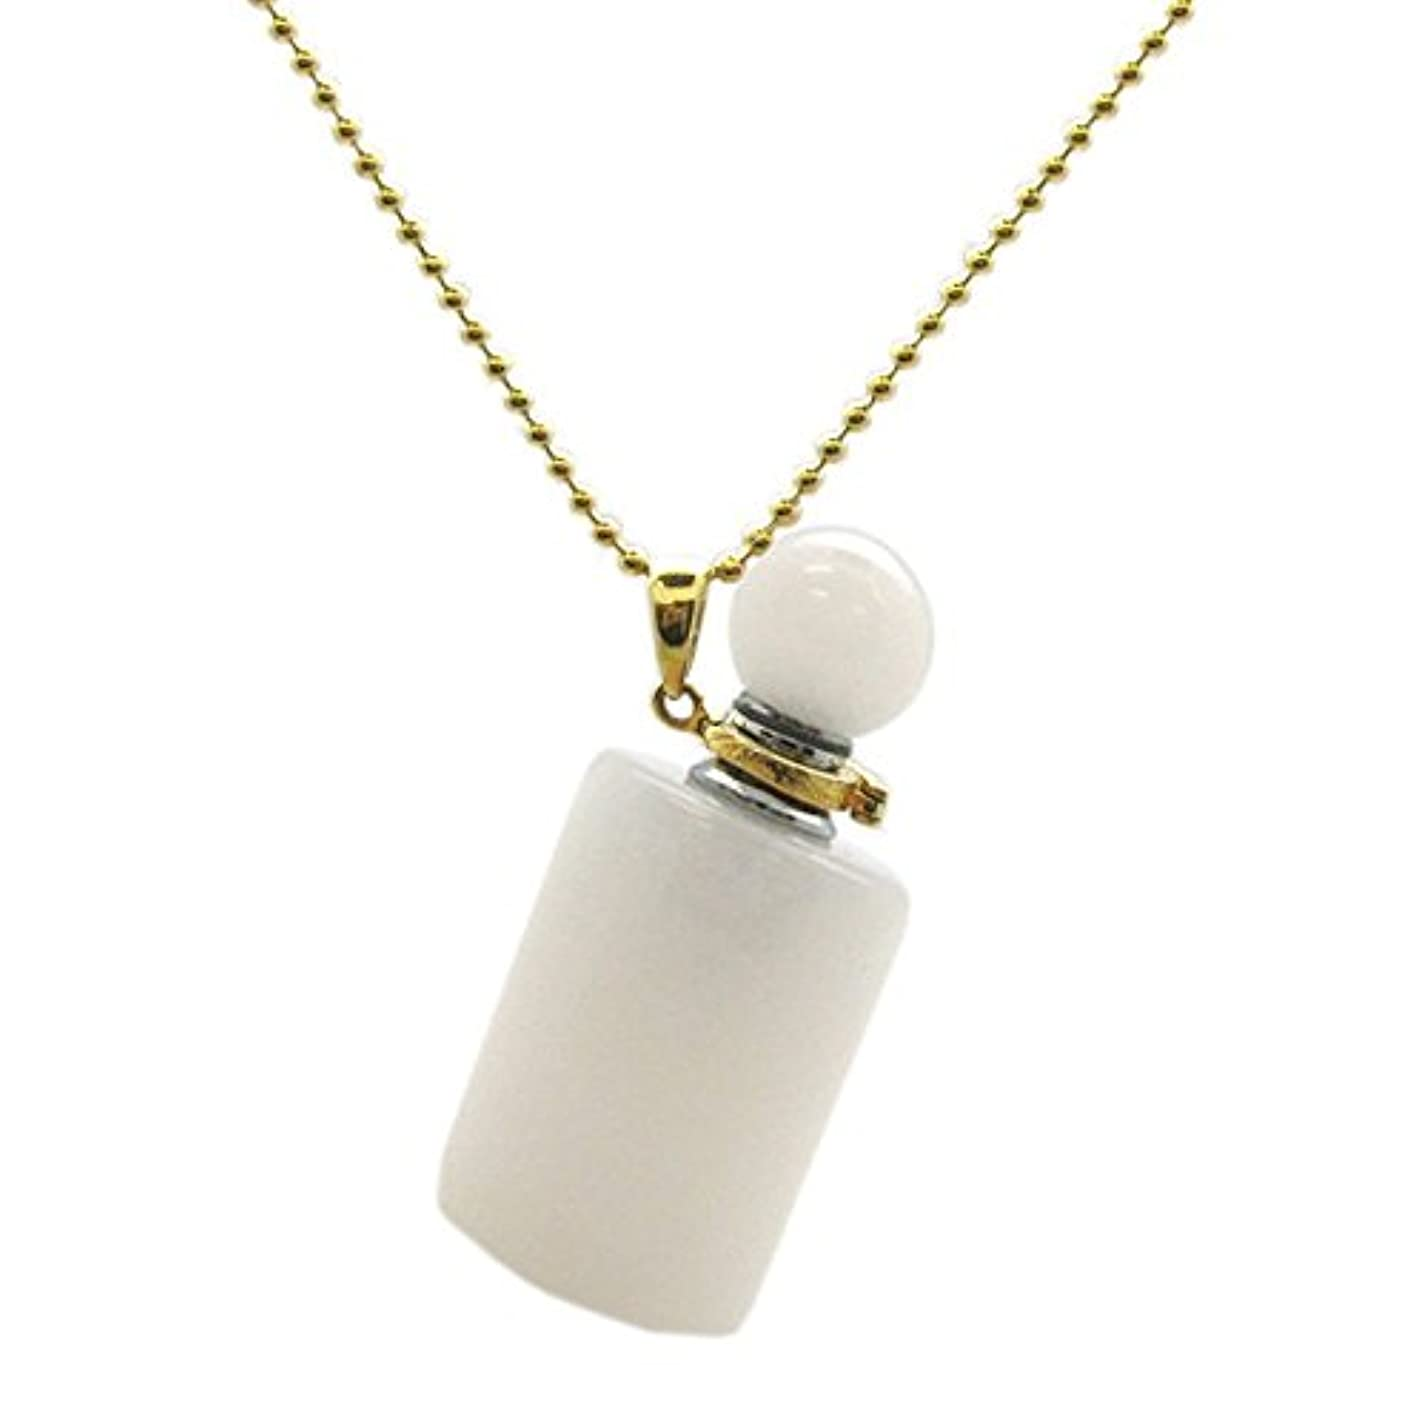 比べる刺す緊急ケイトAvenue Gold over Sterling Silver Gemstone Aromatherapy Essential Oil Diffuserネックレス、香水とMosquito Repellentネックレス